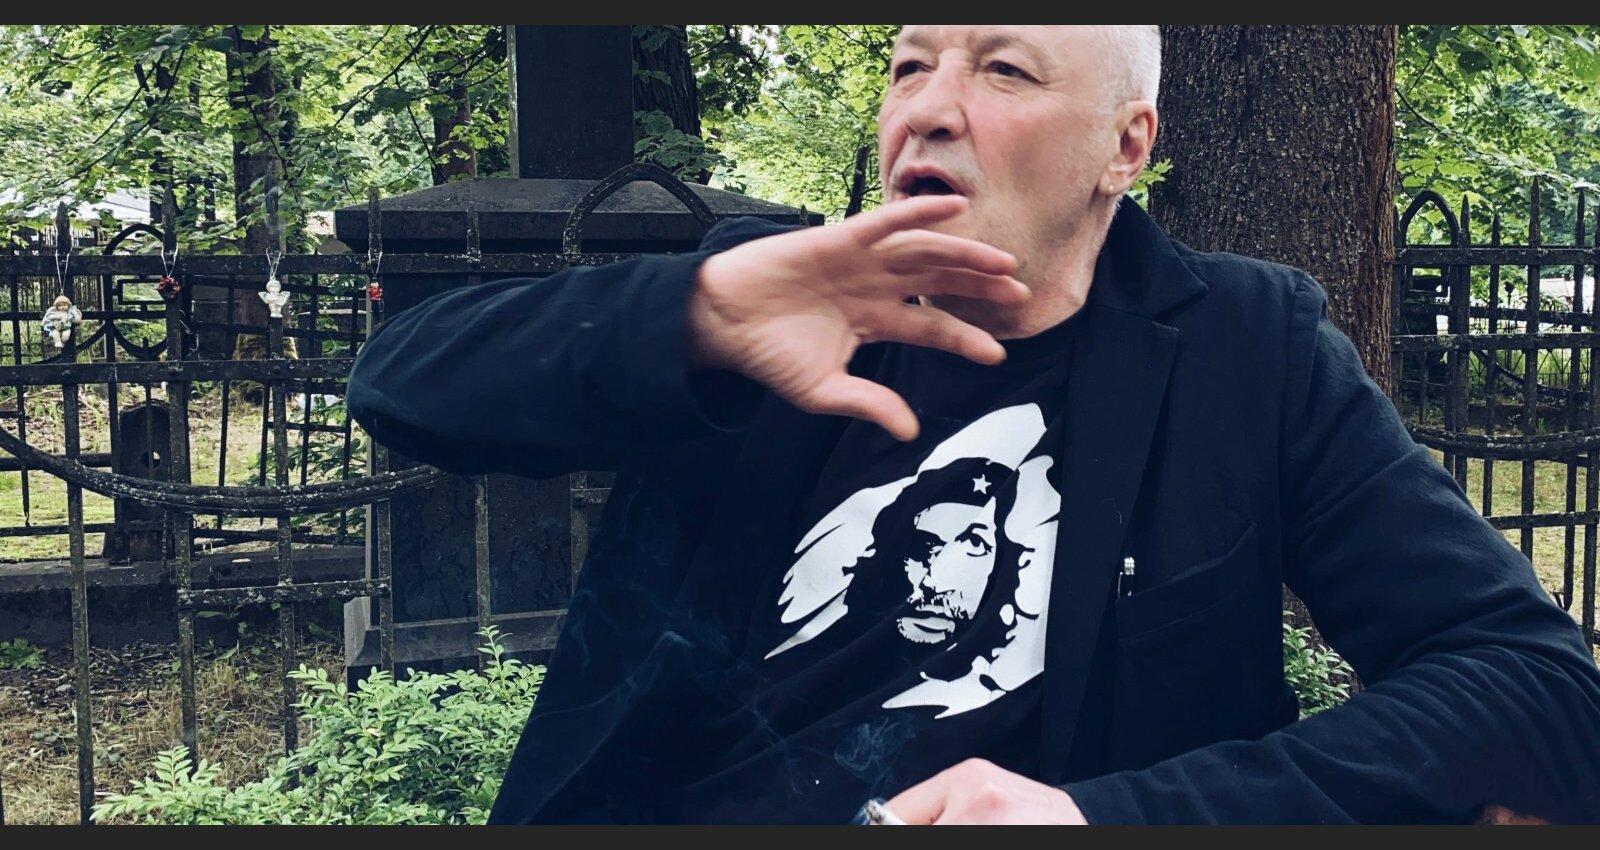 День рождения на кладбище. Андрей Васильев про друга Валеру Рижского и духовного сына Мишу Ефремова